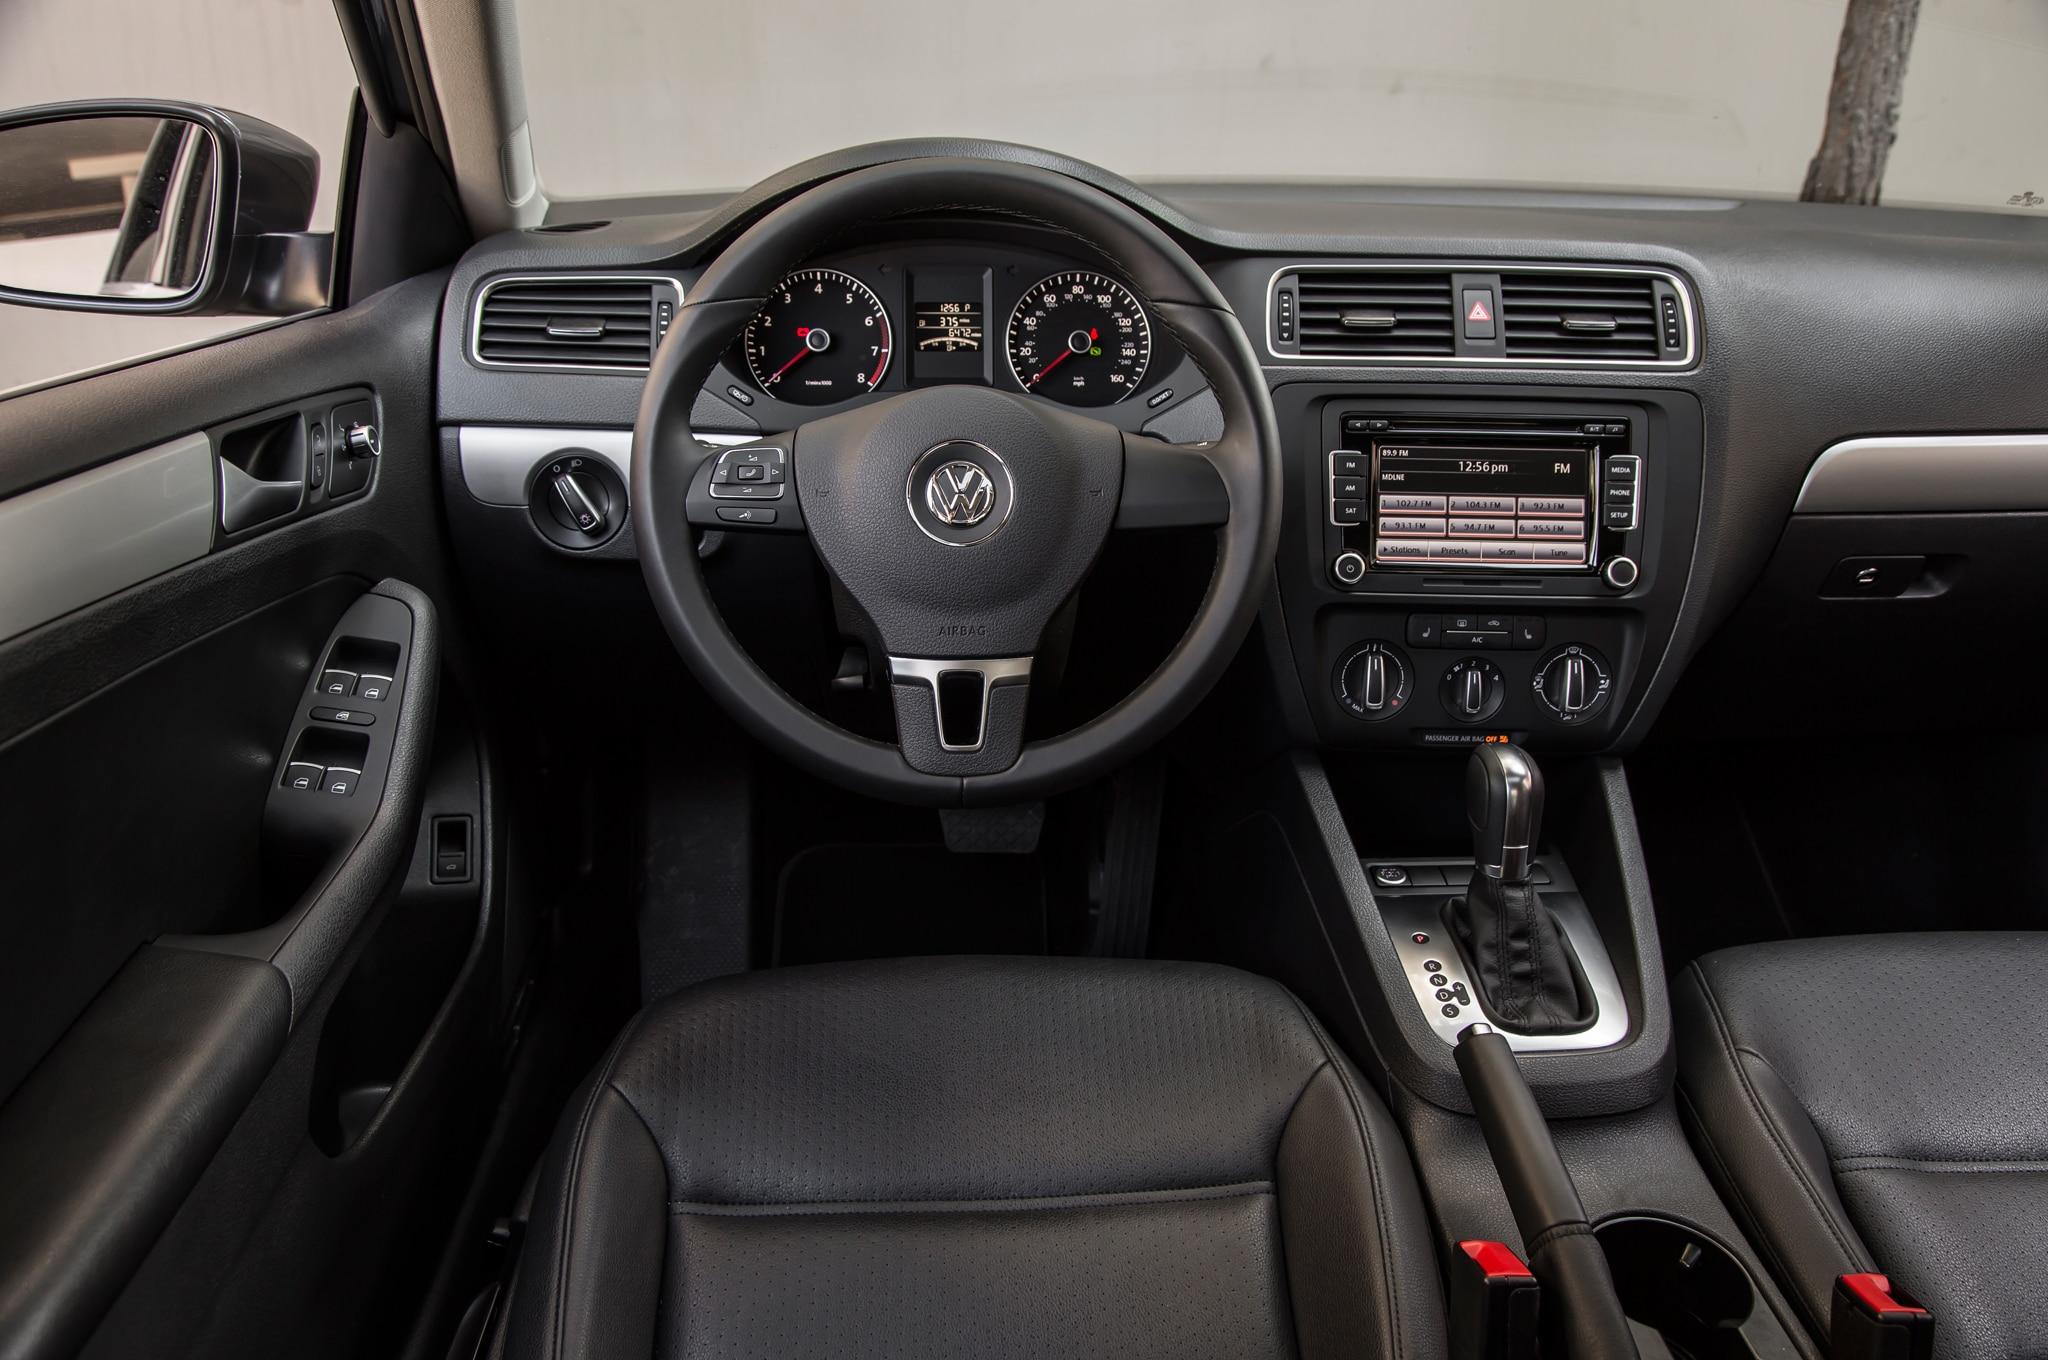 Volkswagen Jetta 1 8t 2014 Primera Prueba Autos Terra Motor Trend